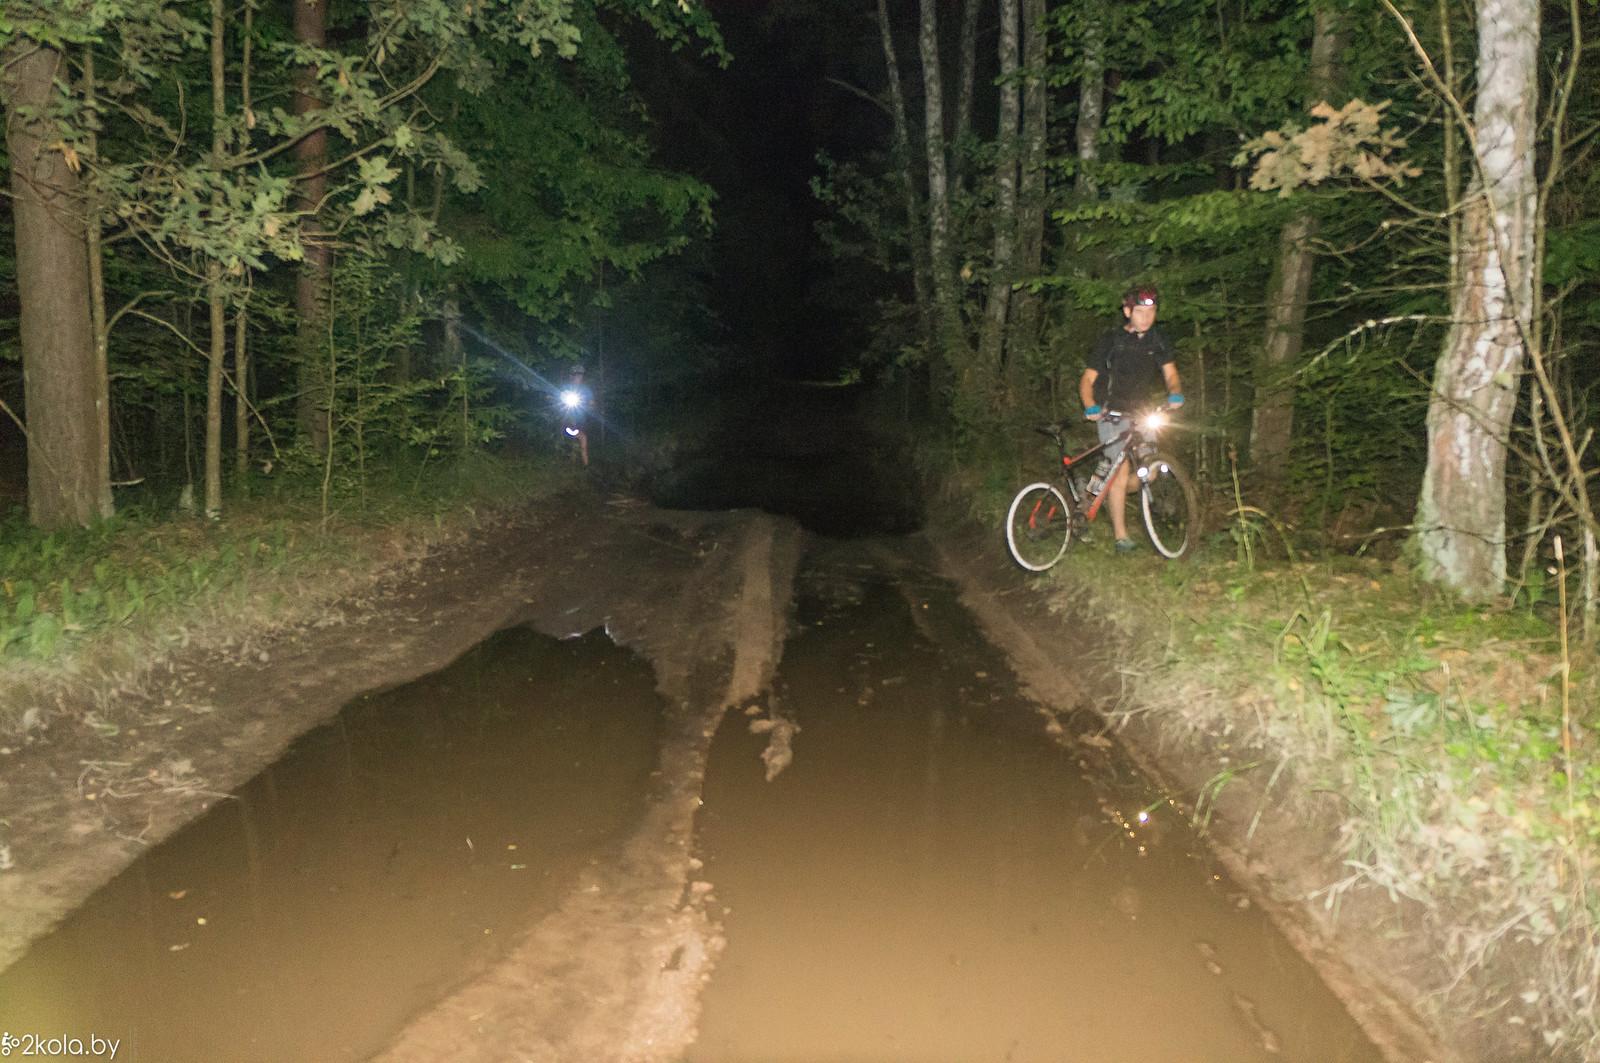 35589806443 f109b6df42 h - Ночная велопокатушка 2017 (Тимковичи - Люща)